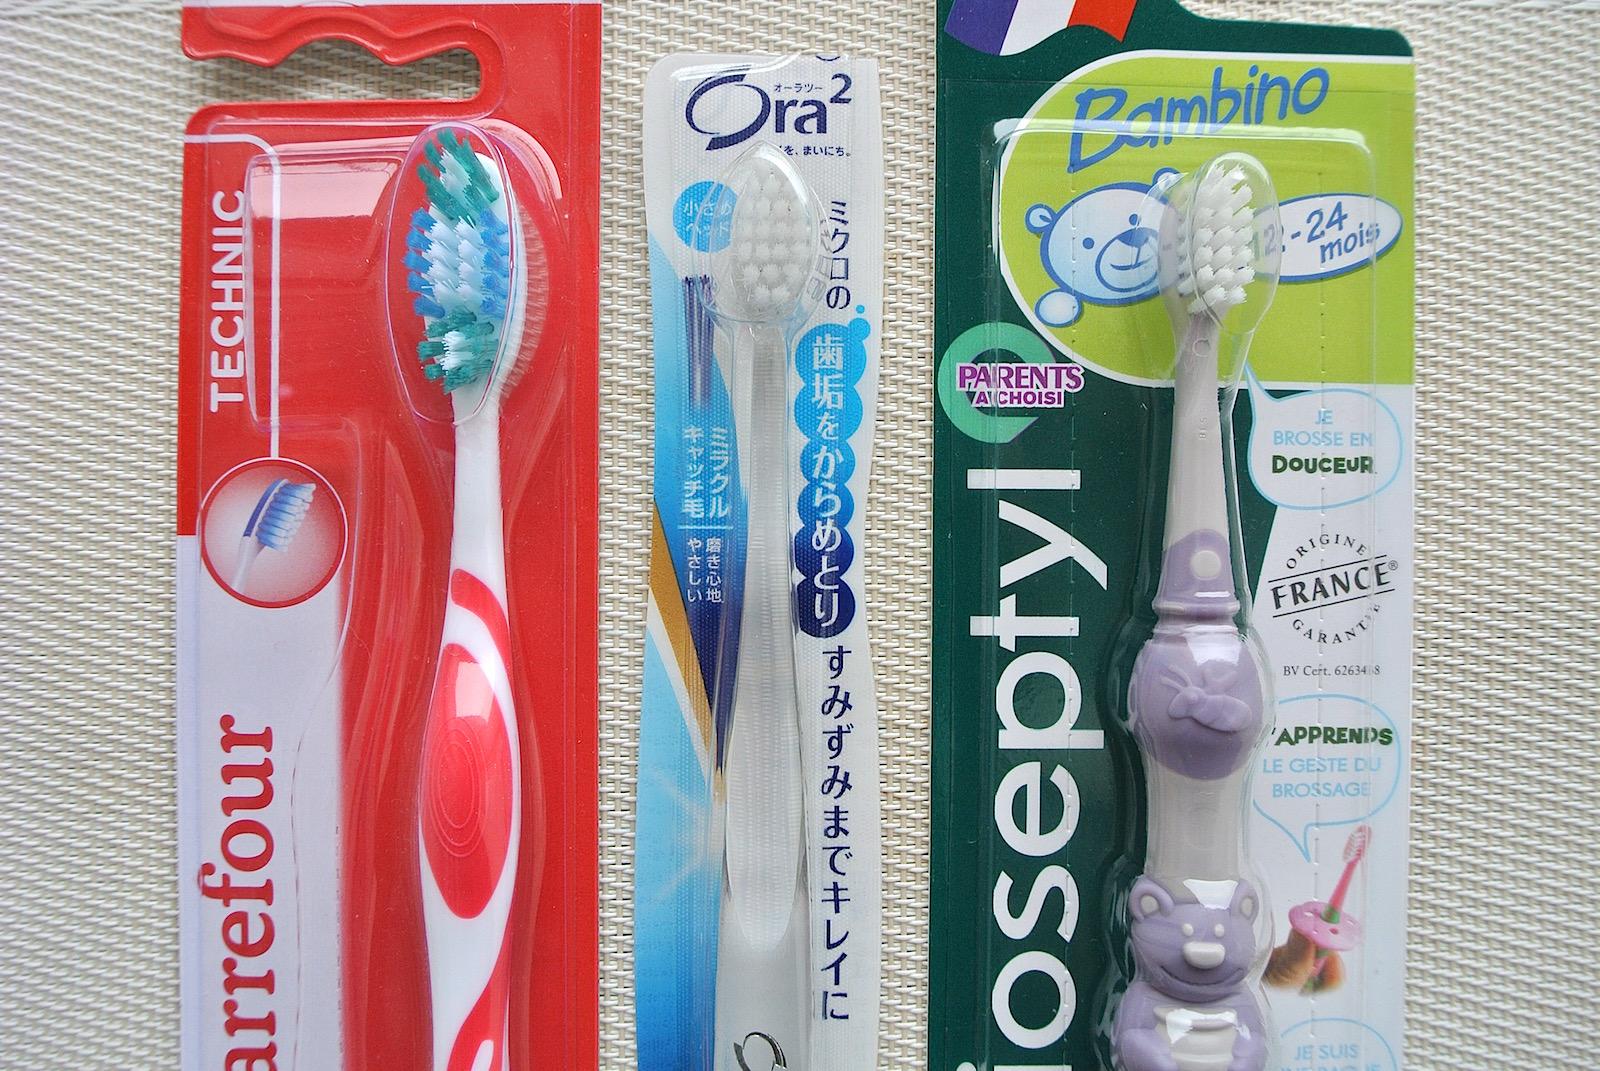 海外在住者が帰国のたびに購入する日本のスグレモノ4つ